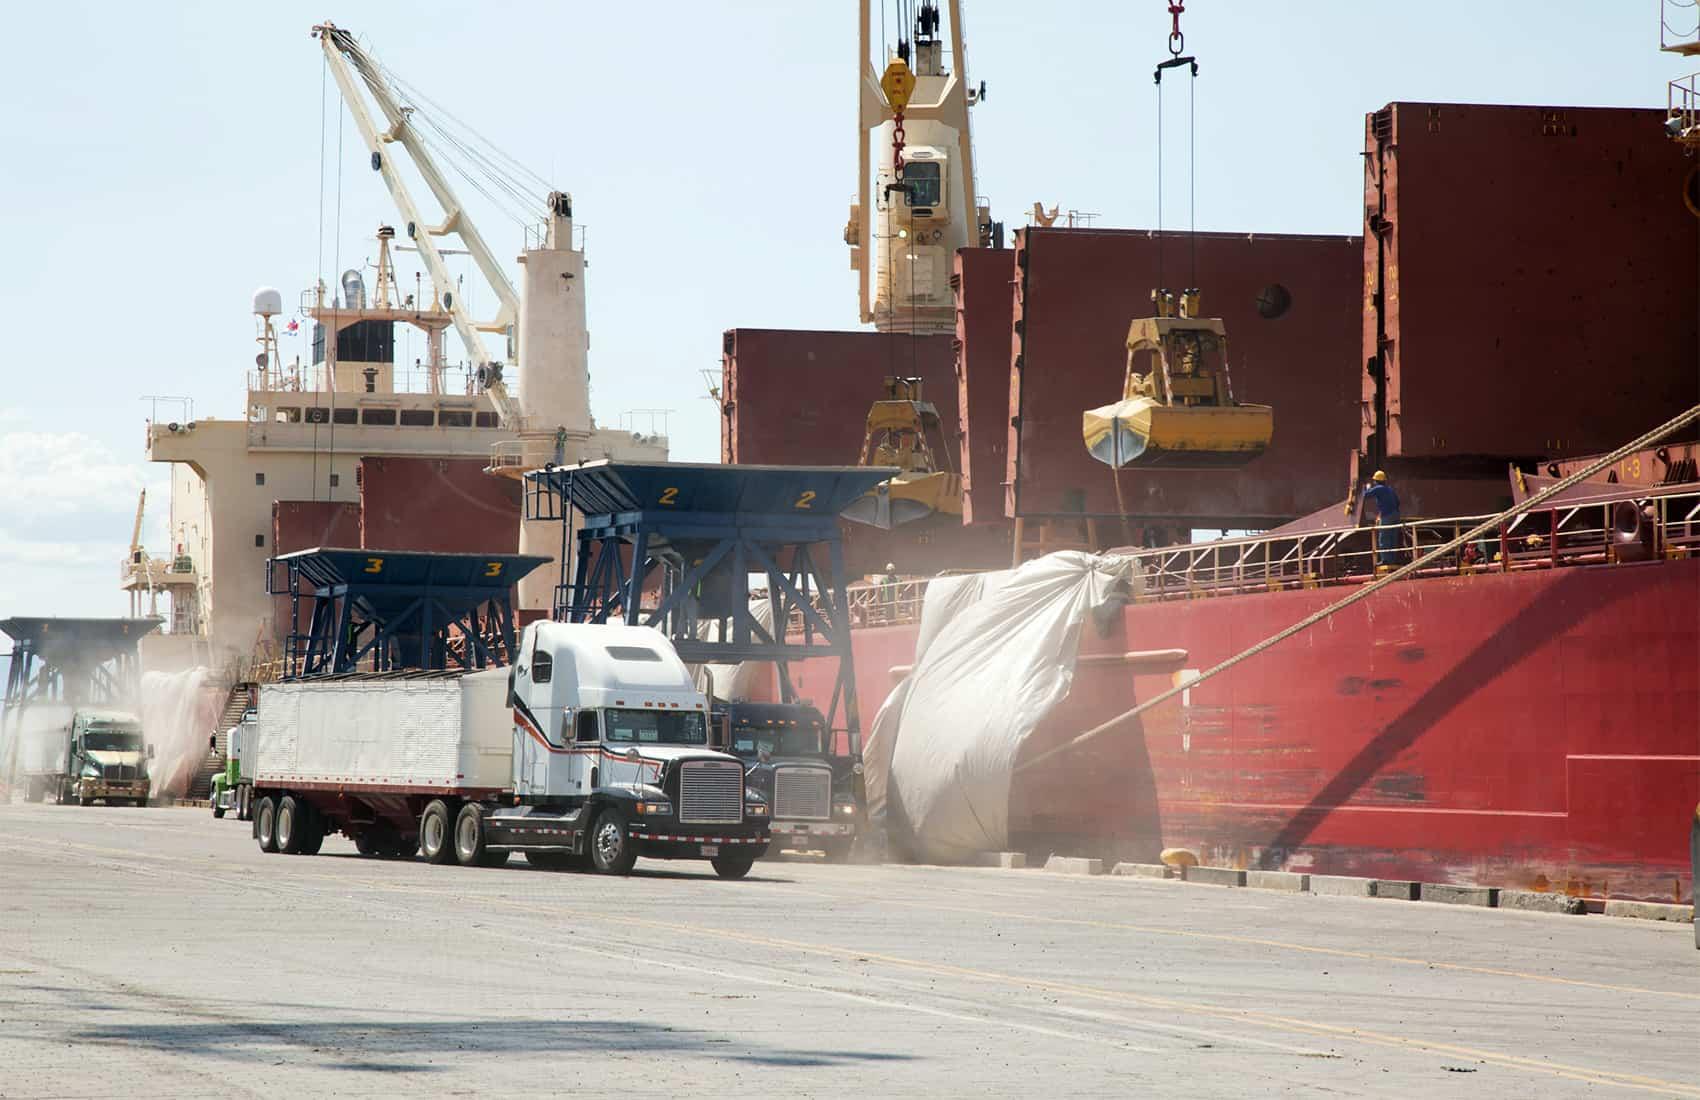 Cargo at Caldera dock